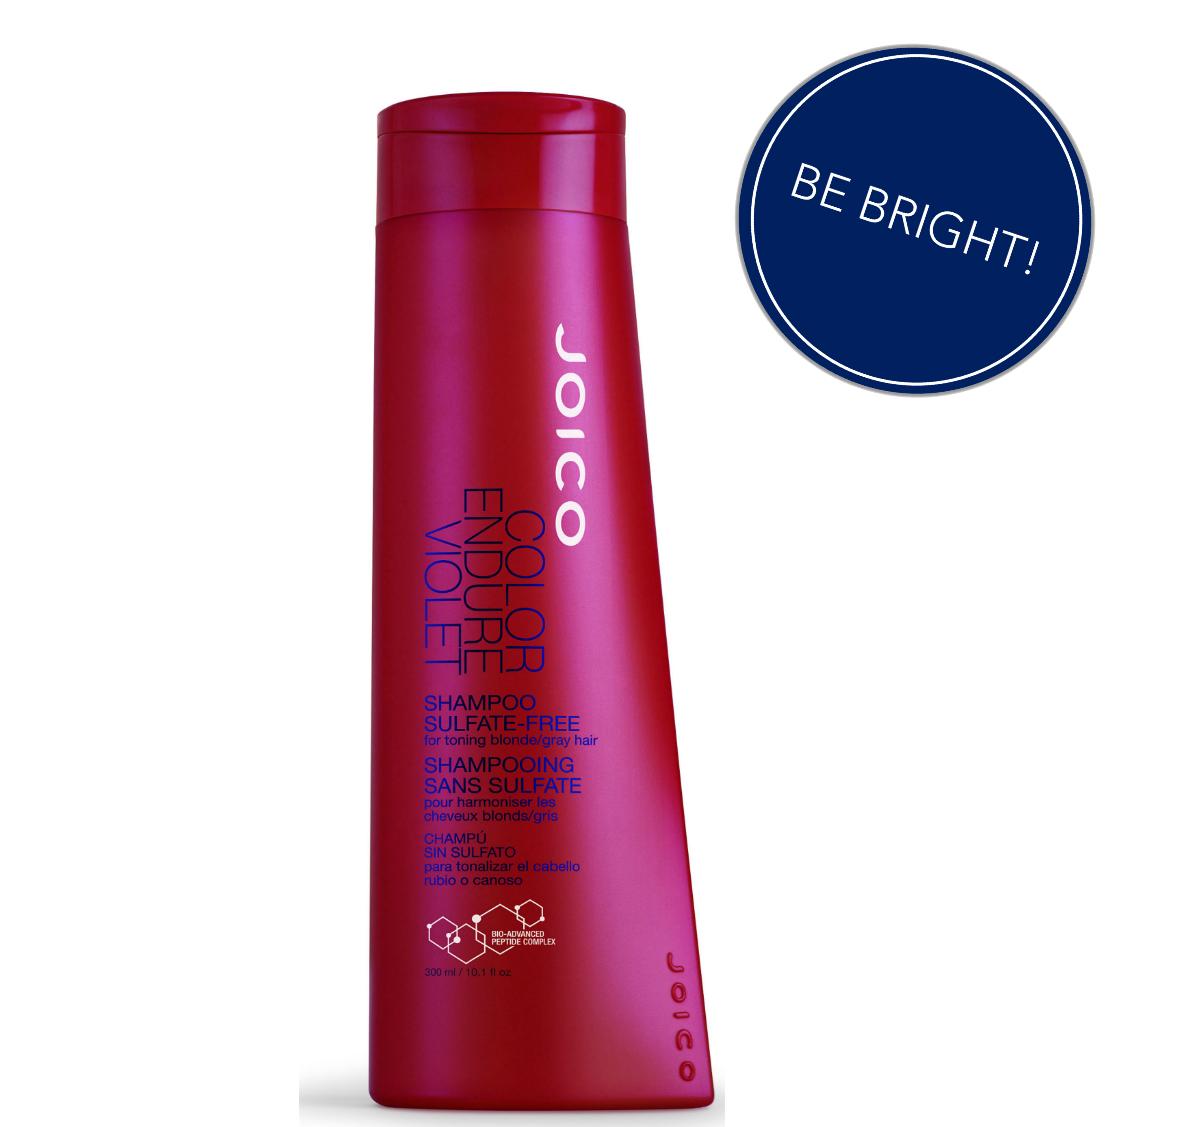 ¿Quieres lograr que tu pelo se vea radiante y vital luego de la tintura? En #bepicks podemos ayudarte. Te presentamos el Shampoo Color Endure Violet de la línea Joico. Libre de sulfato, especialmente diseñado para mantener los tonos rubios, el pelo blanqueado o gris. Añade fuerza y protege tu cabello del daño ambiental. ¿Qué esperas para probarlo? http://www.bepicks.com/joico-color-endure-violet-shampoo.html